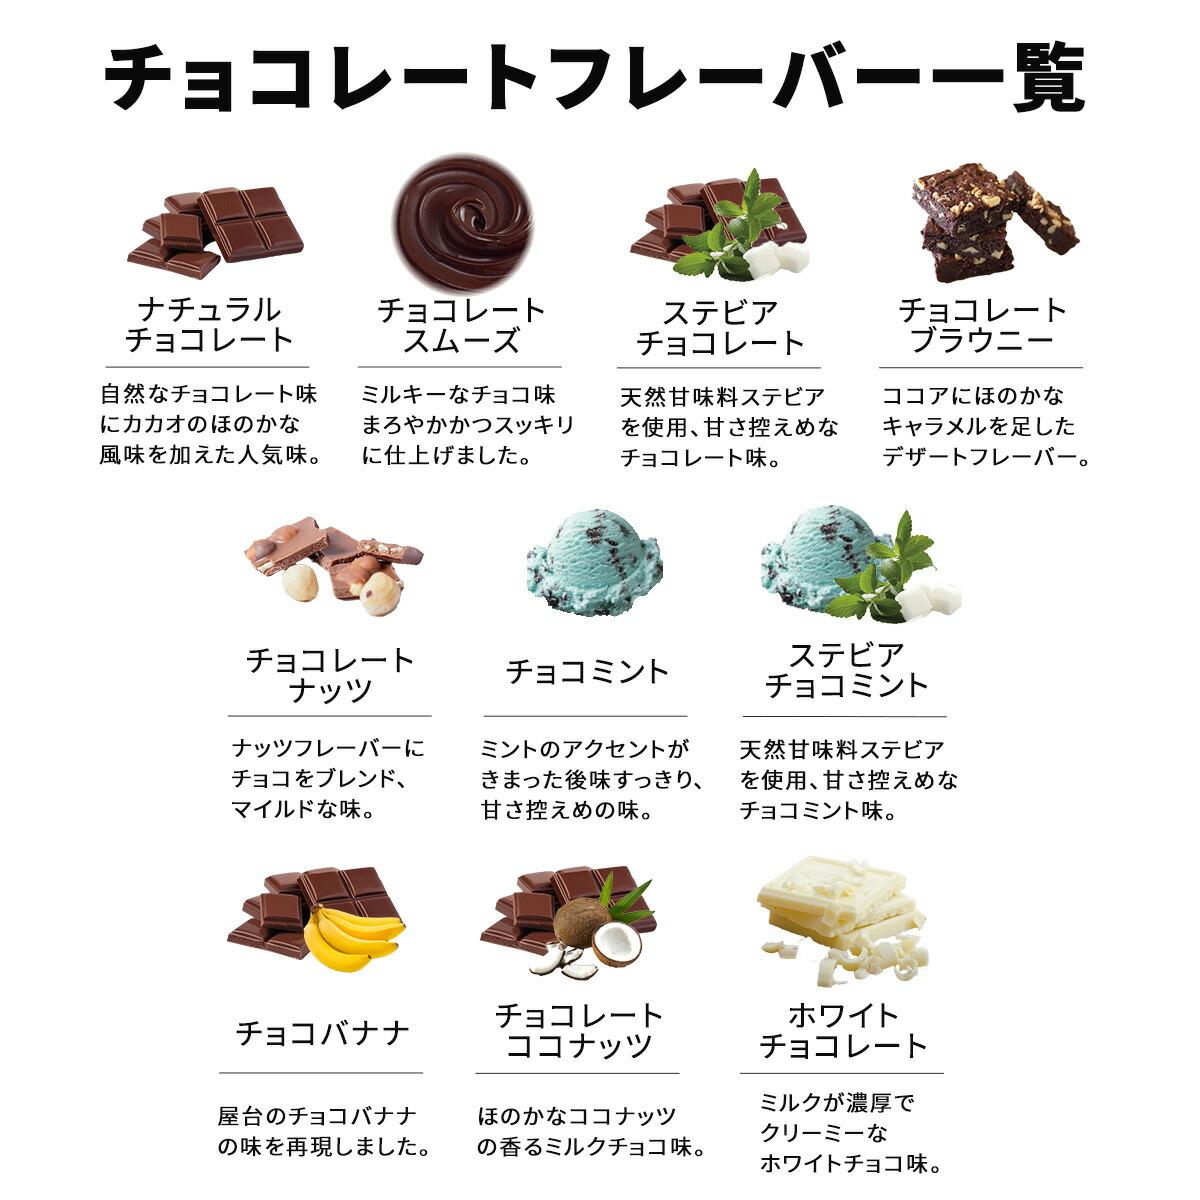 マイ プロテイン チョコレート ブラウニー